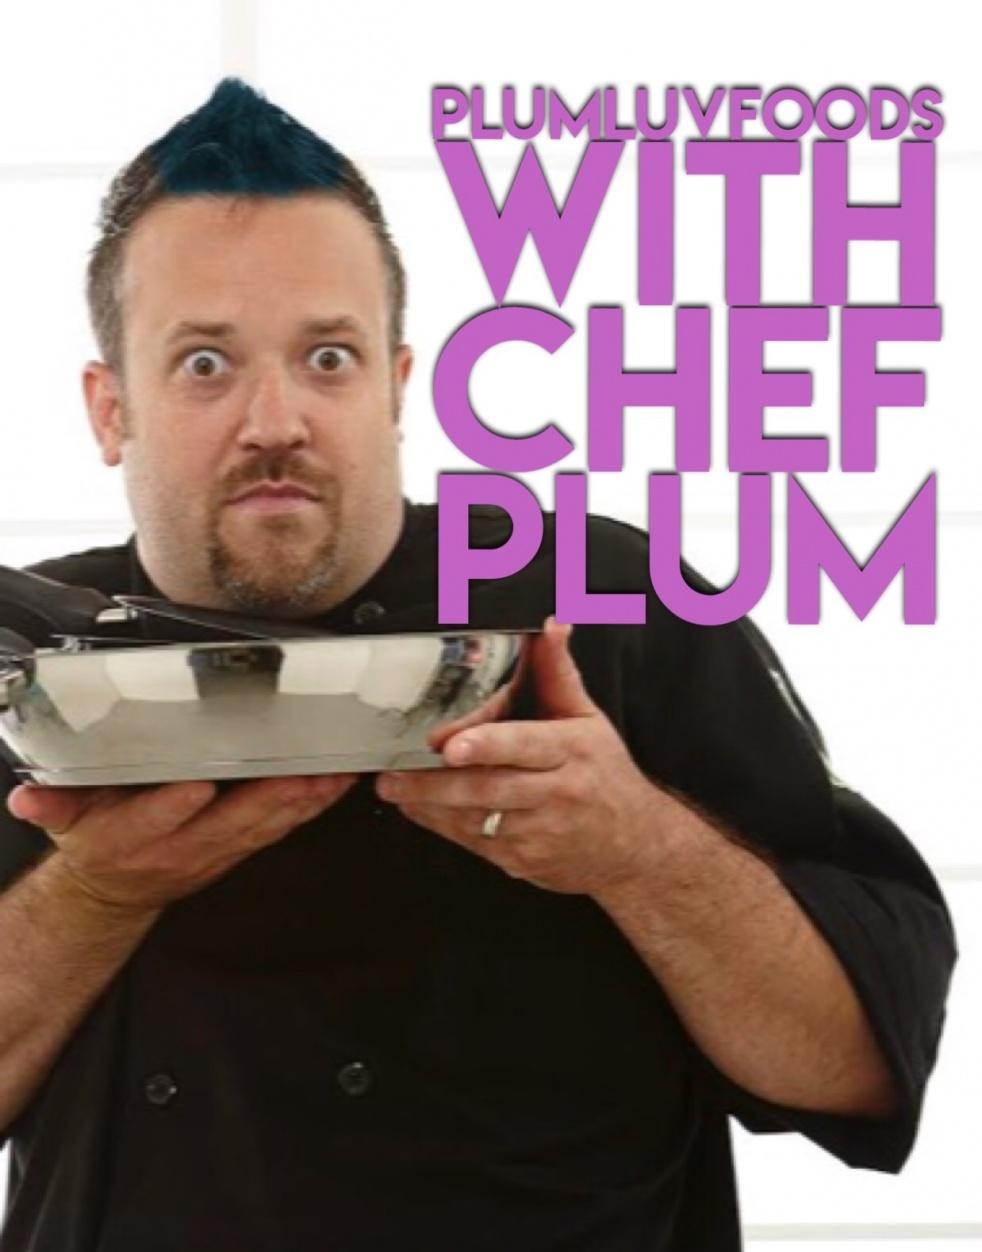 Plumluvfoods - immagine di copertina dello show